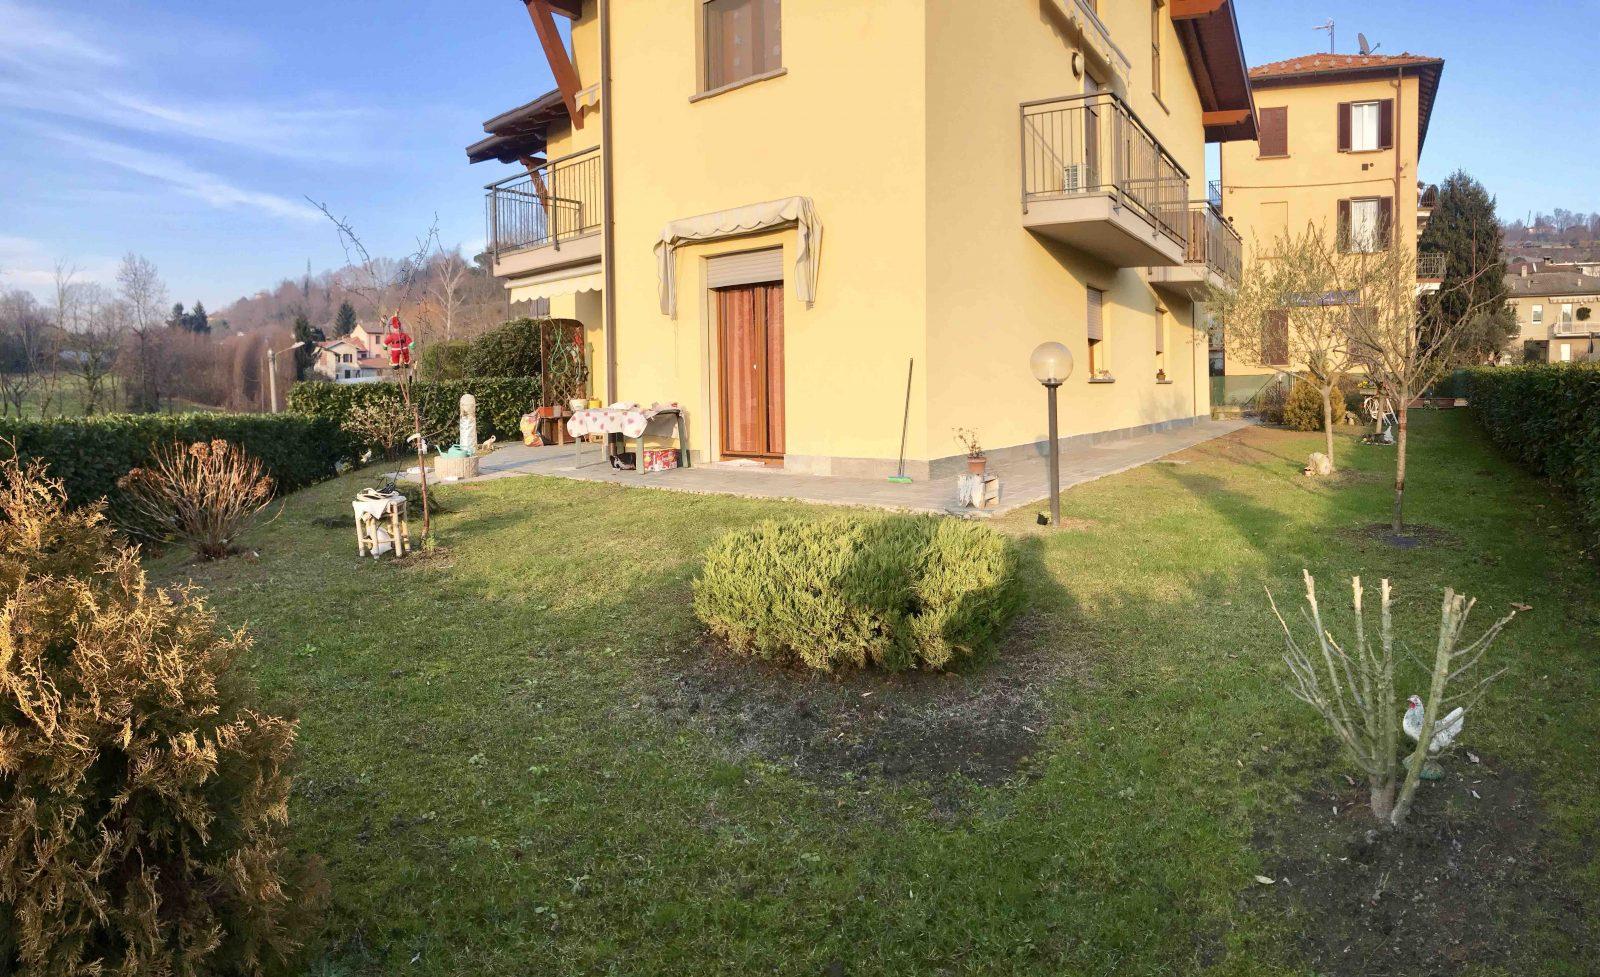 Porzione di casa con giardino privato in vendita a Senna Comasco